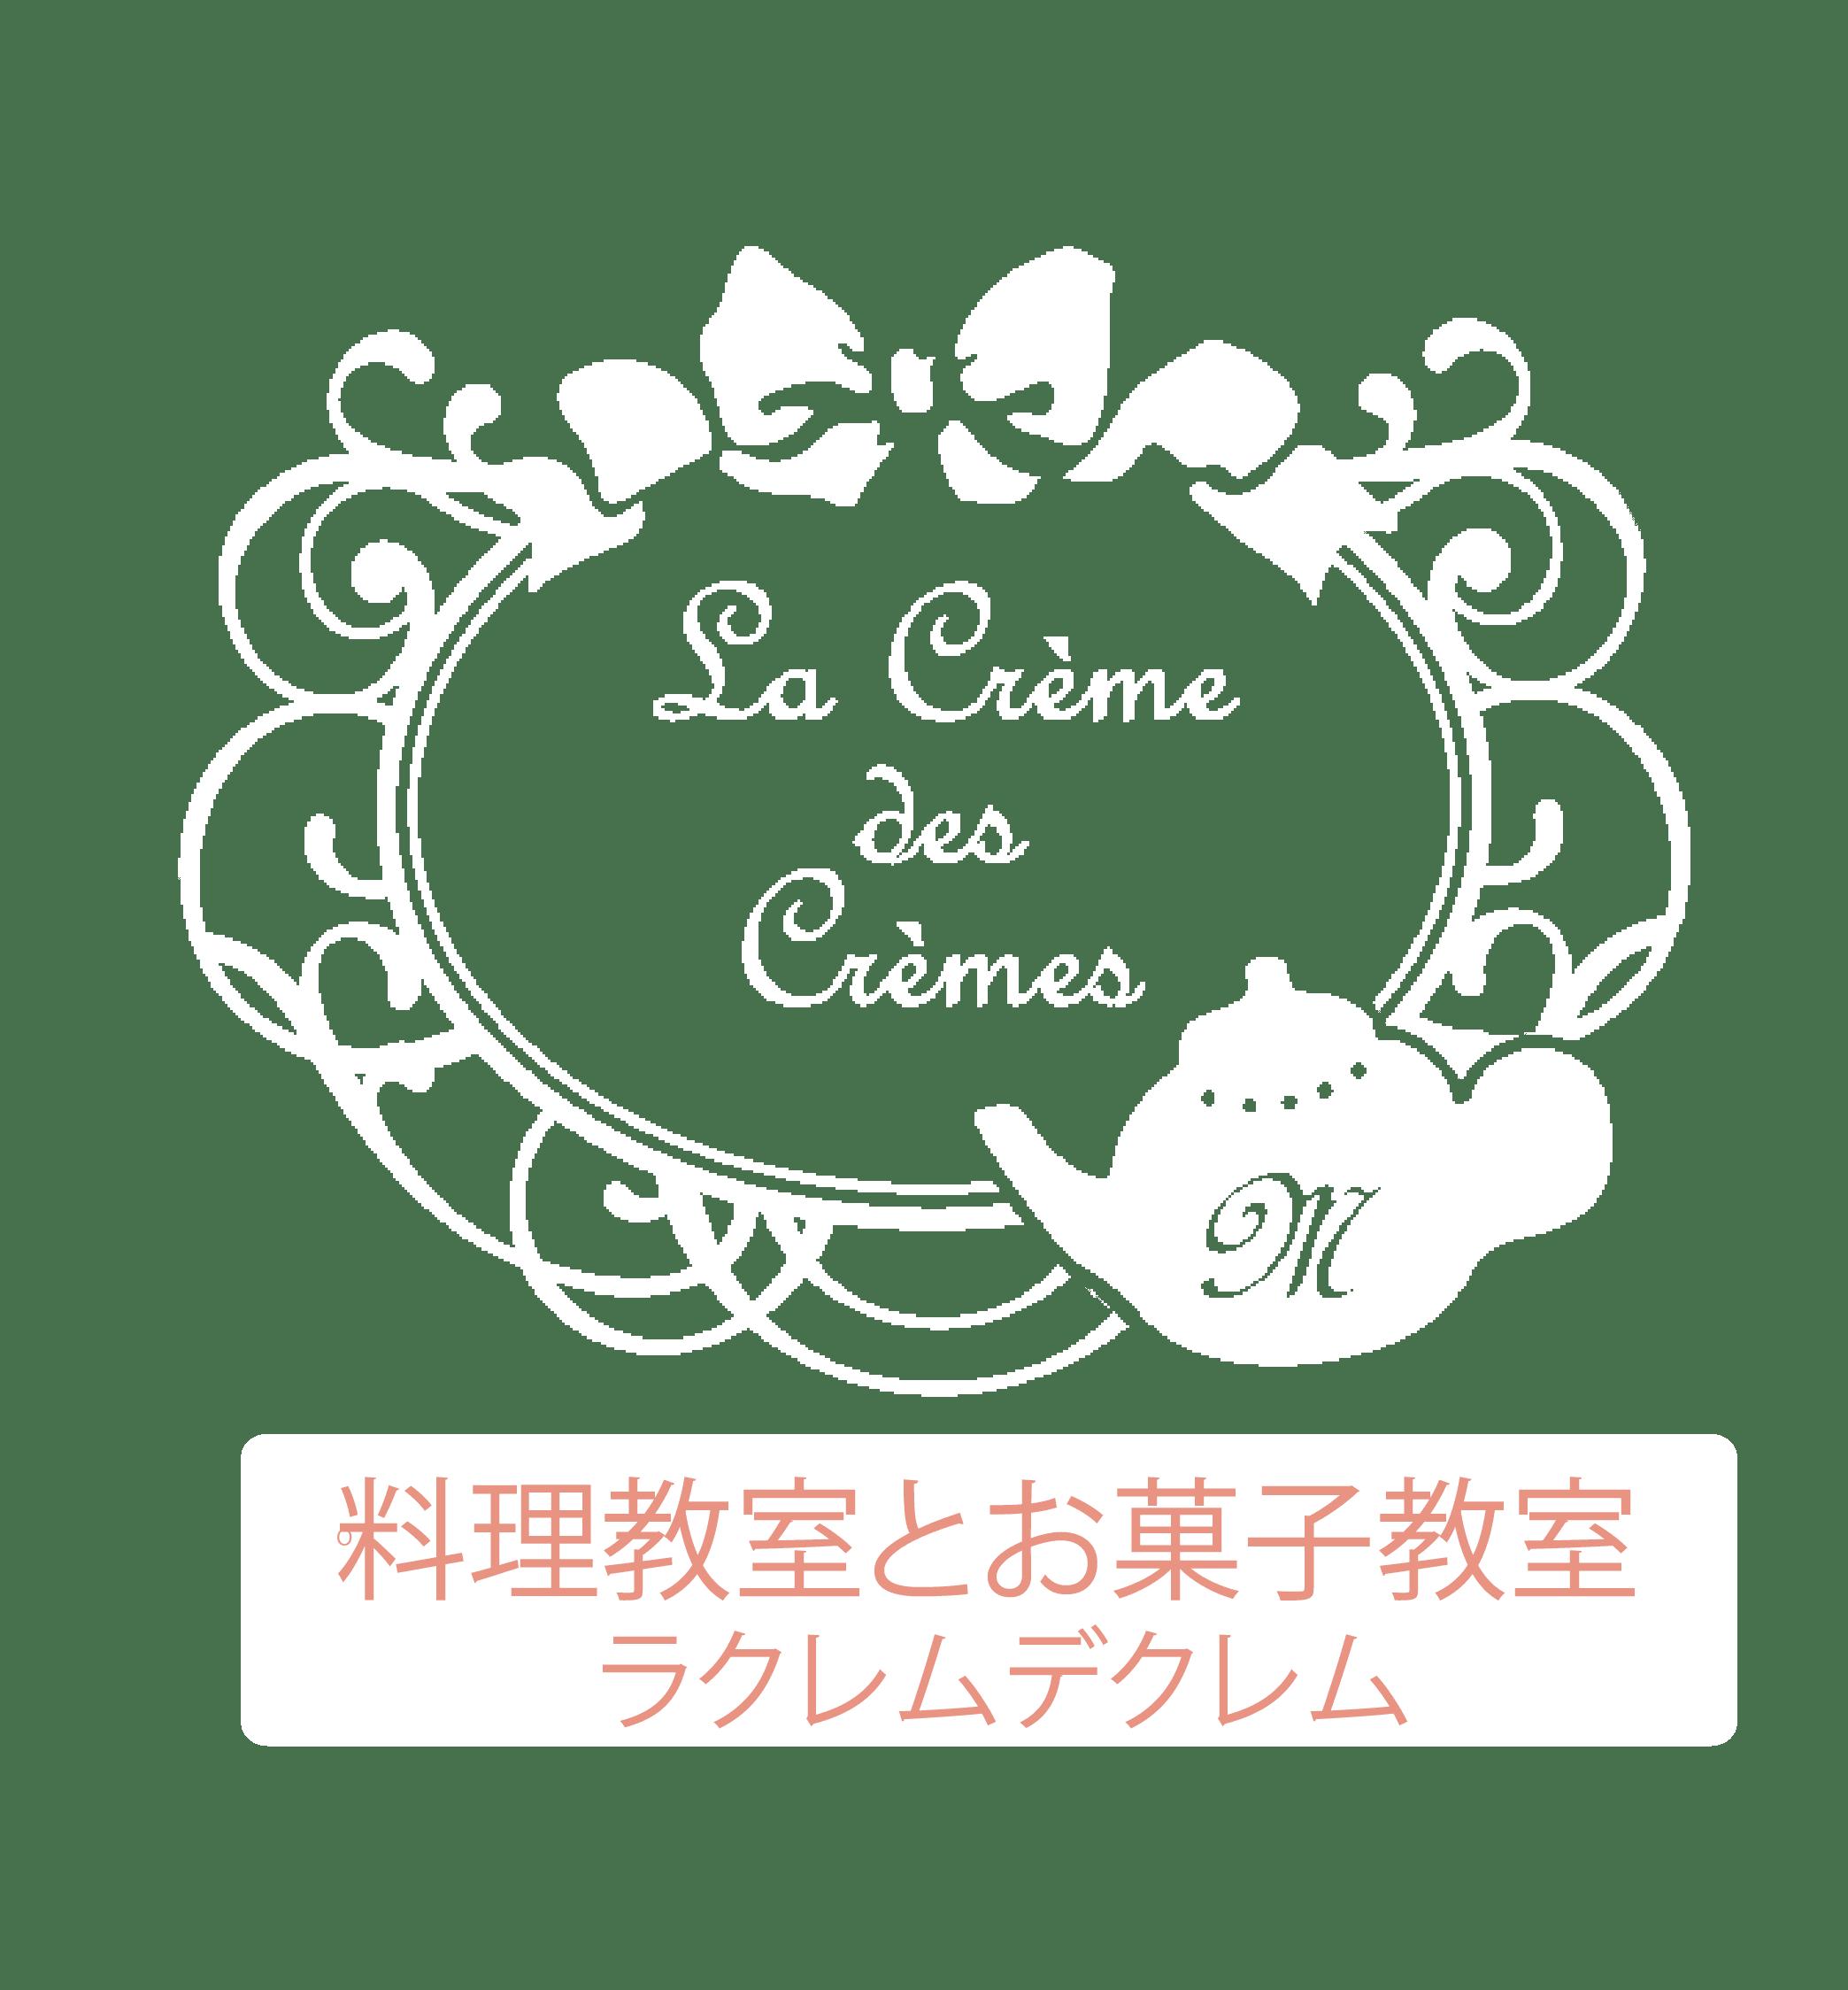 プロの自宅キッチンで丁寧に教わる来客に特化した、おしゃれなおもてなしの料理教室とフランス菓子教室ラクレムデクレムLa Creme des Cremes